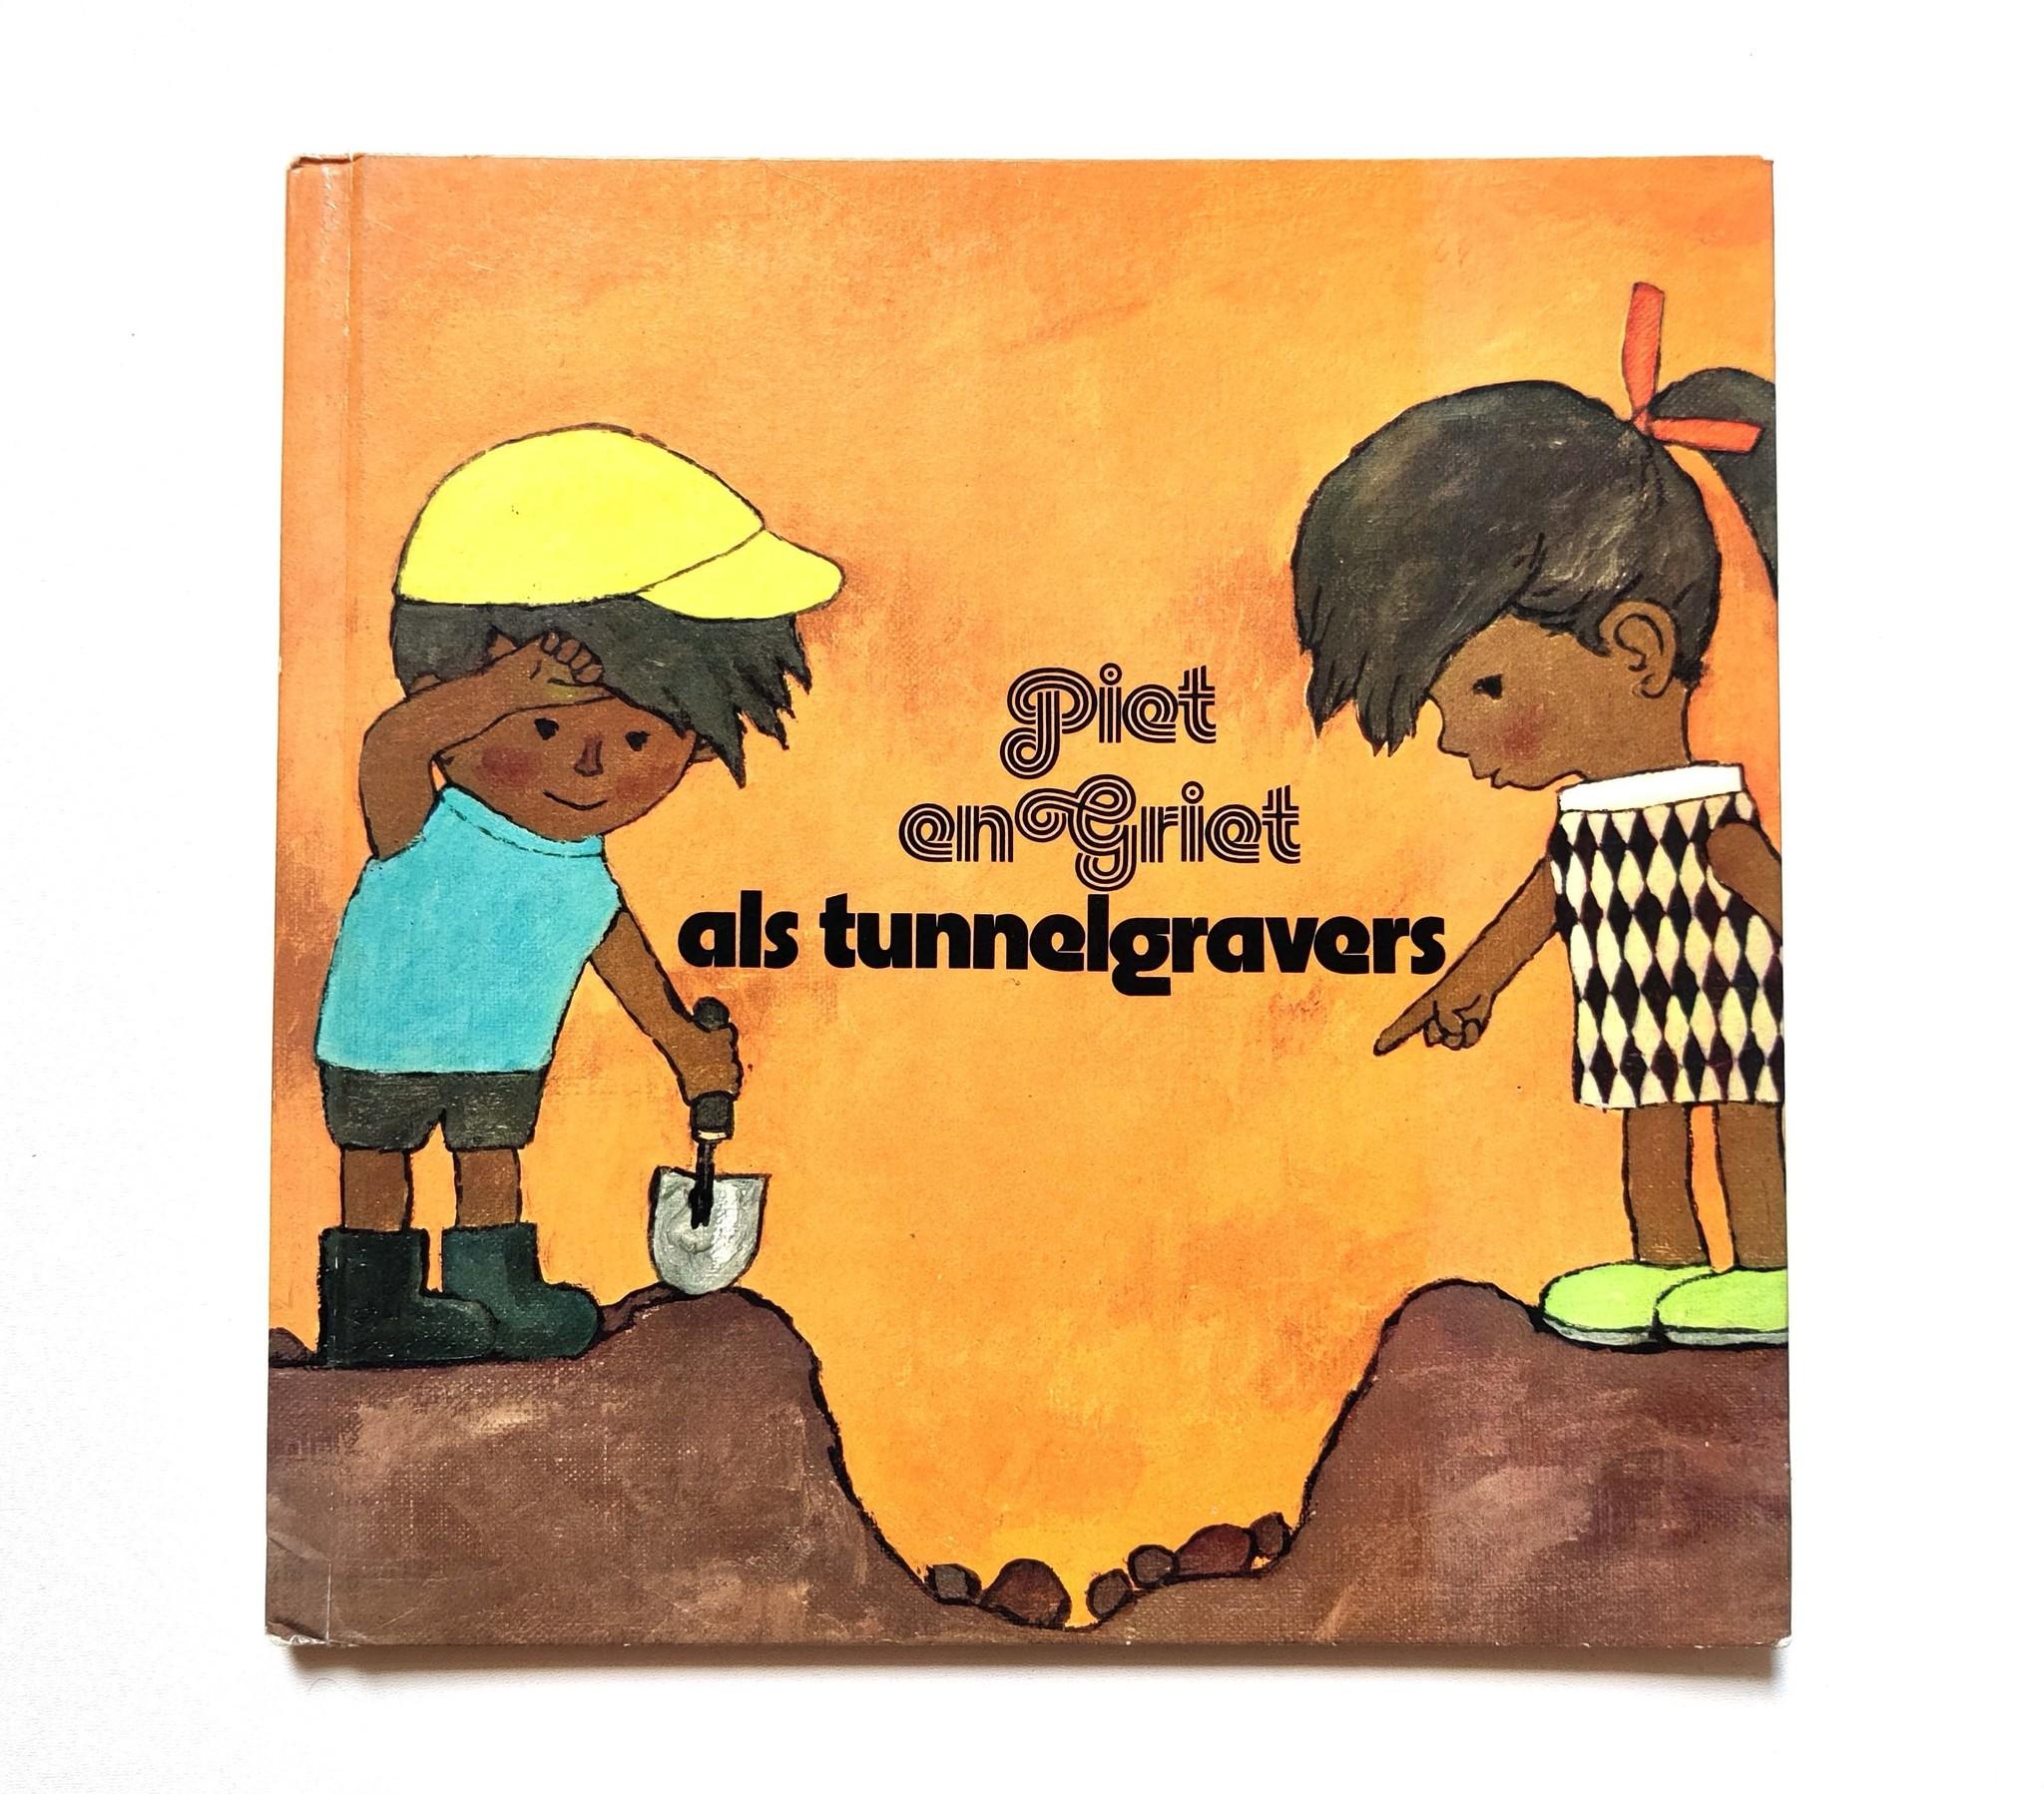 Piet en Griet als tunnelgravers-1